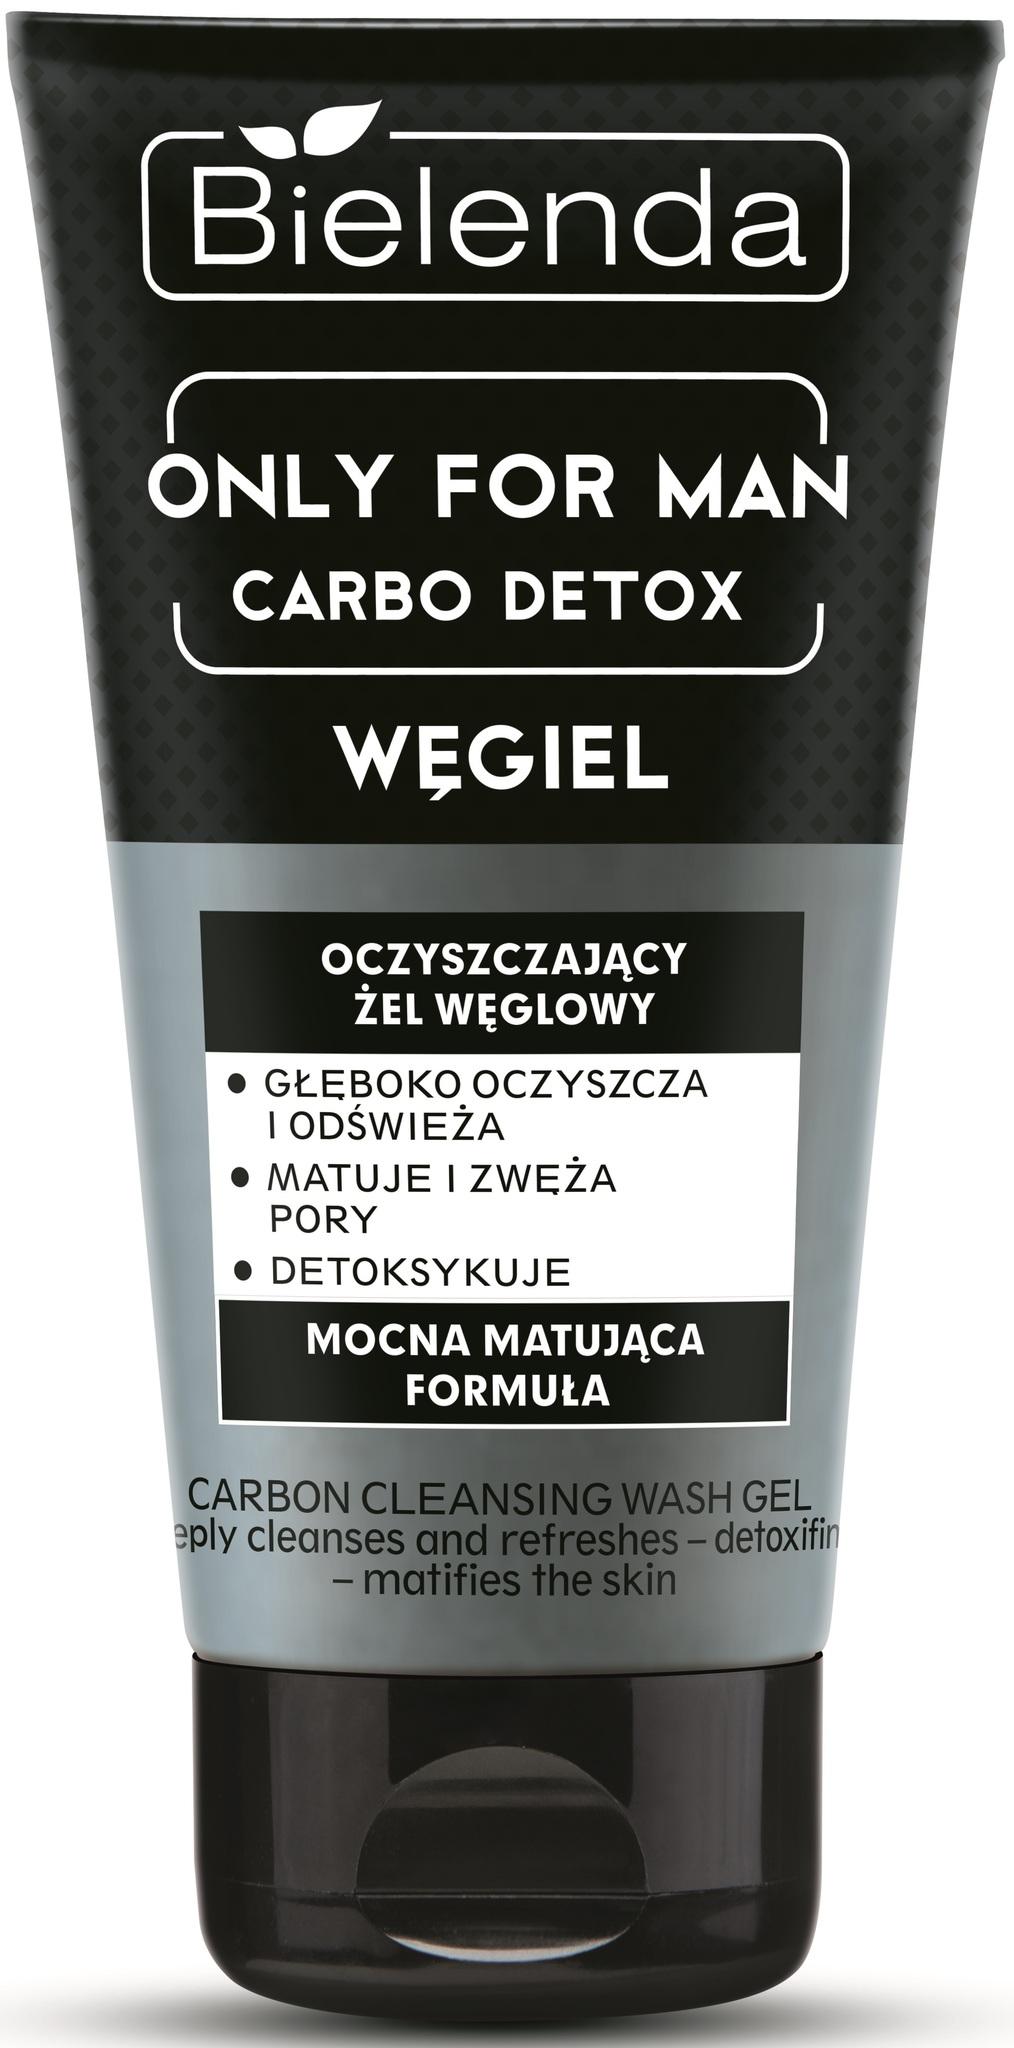 BIELENDA OFM - CARBO DETOX - Очищающий гель для умывания лица 150мл